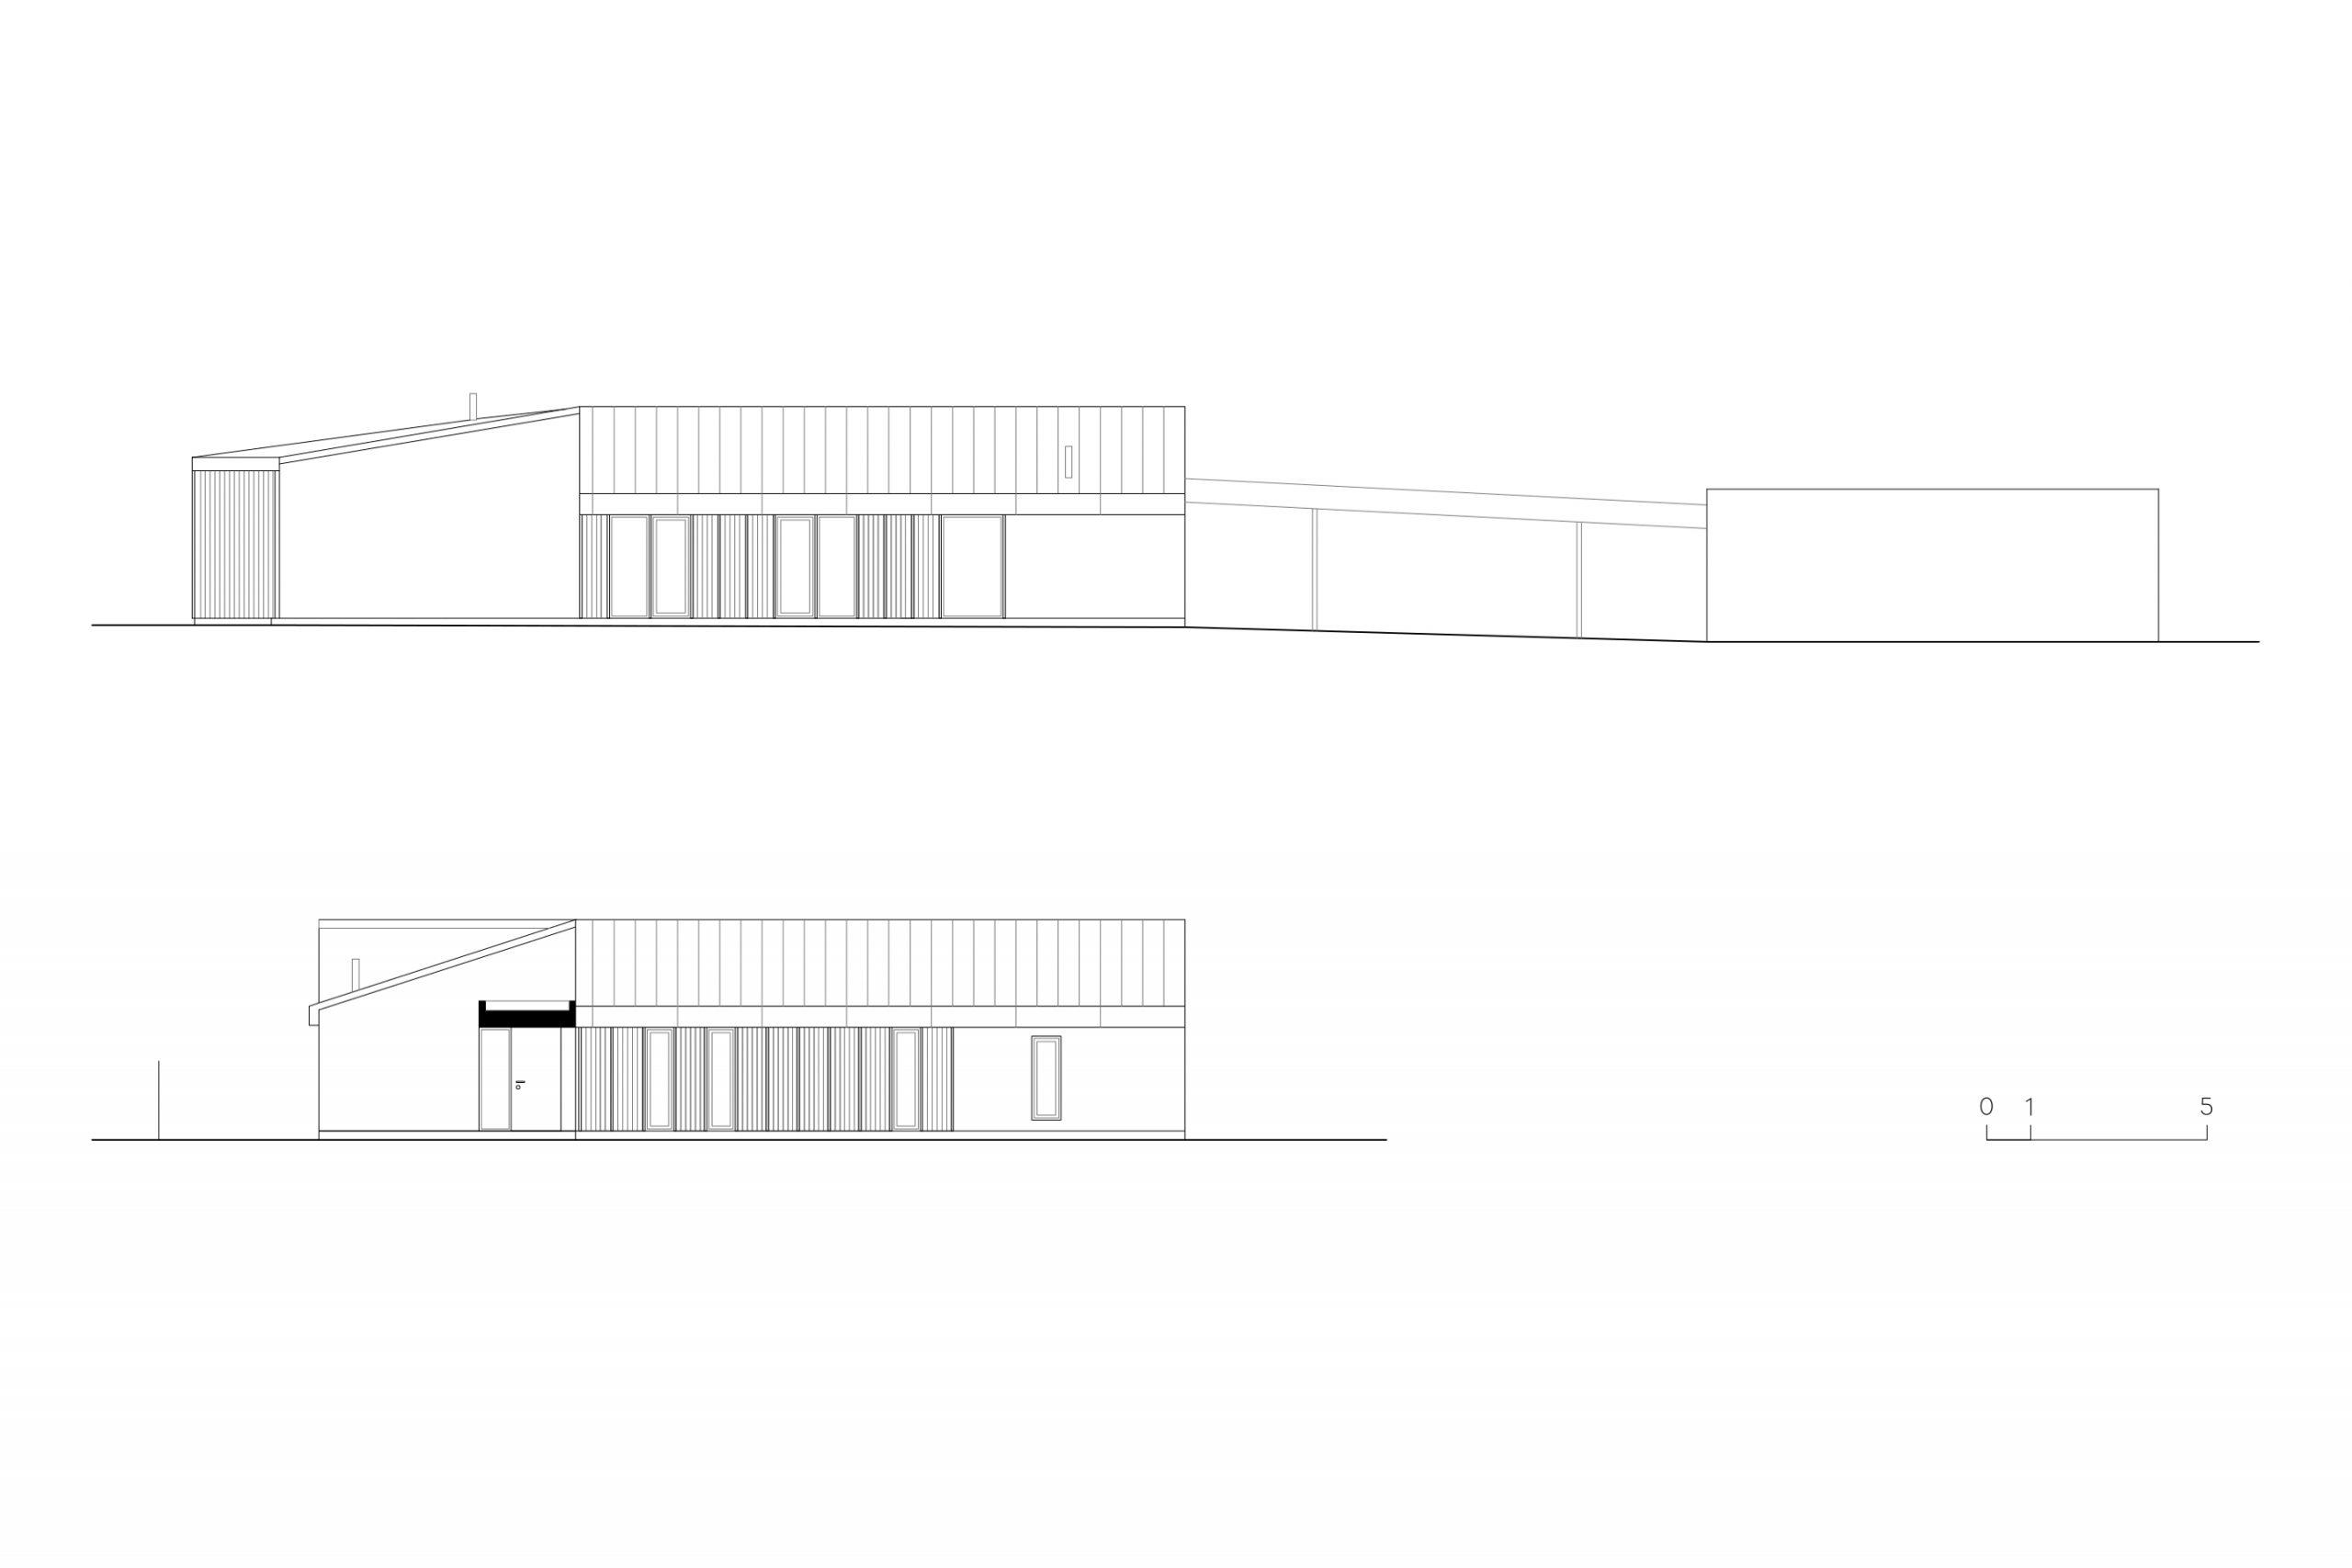 gaiss-four-roofs-25-facades